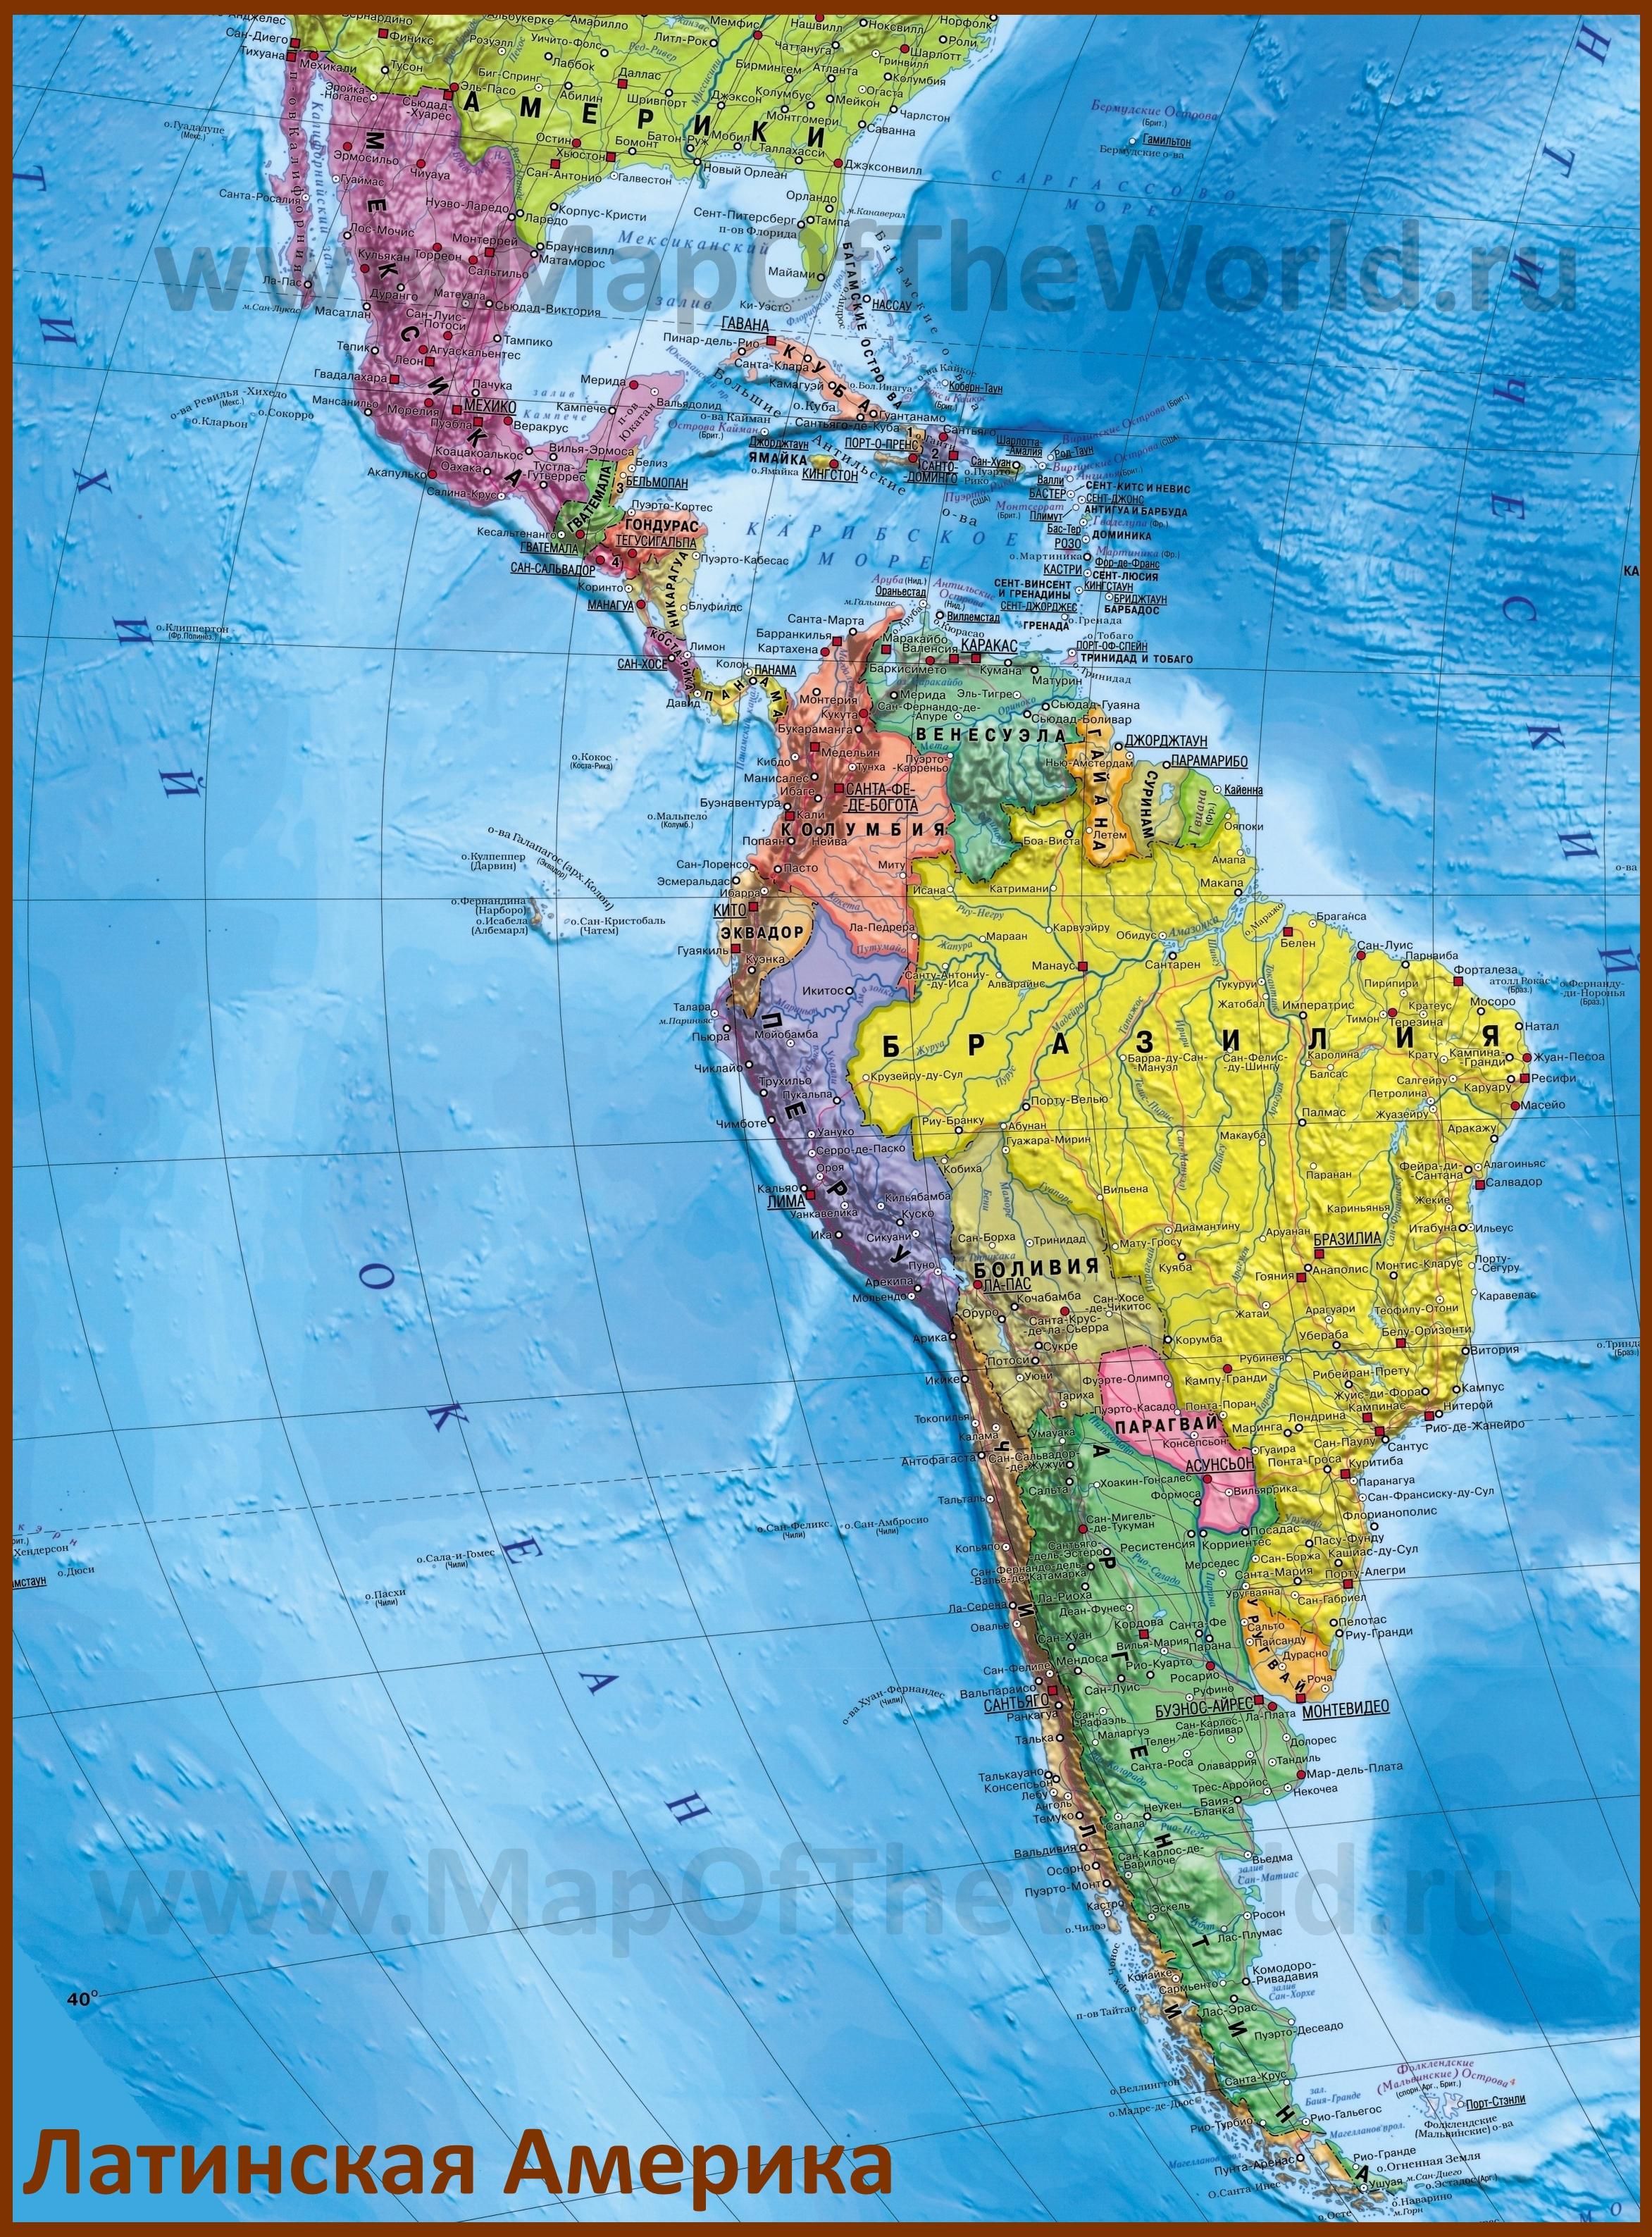 Где находиться латинская америка